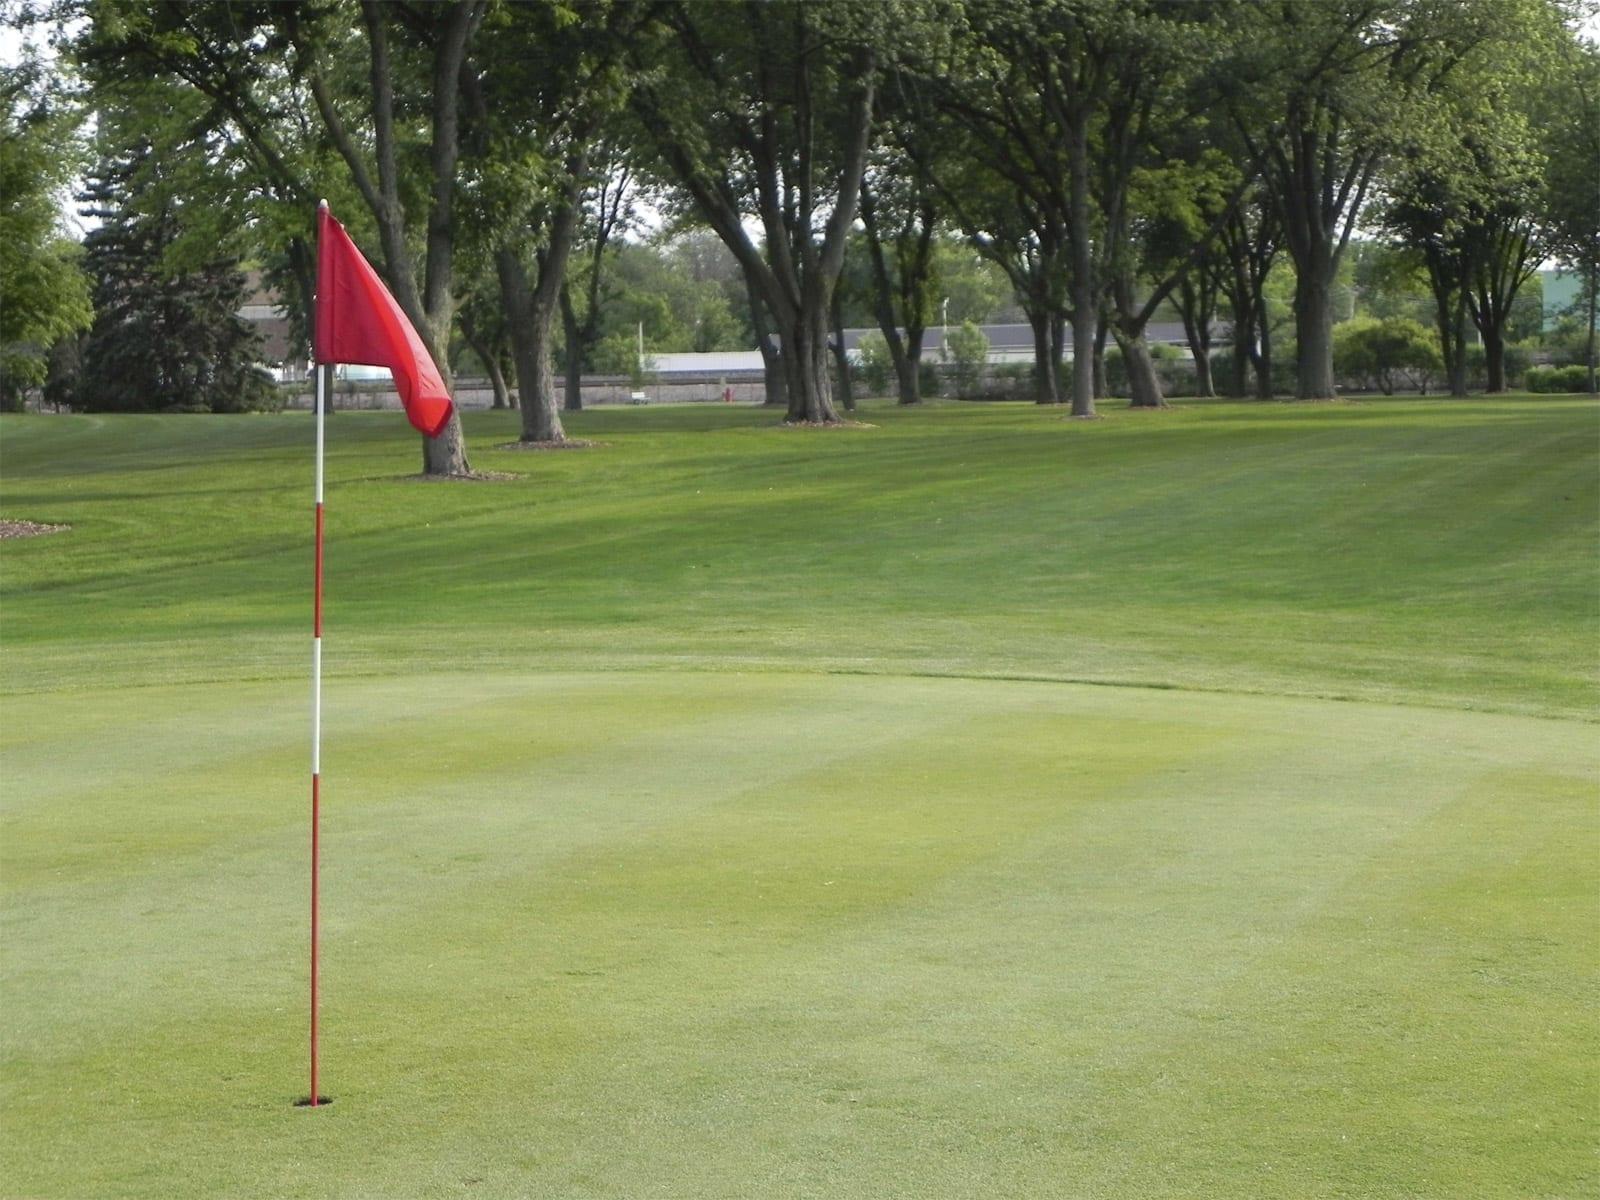 Barrington Park District Golf Course